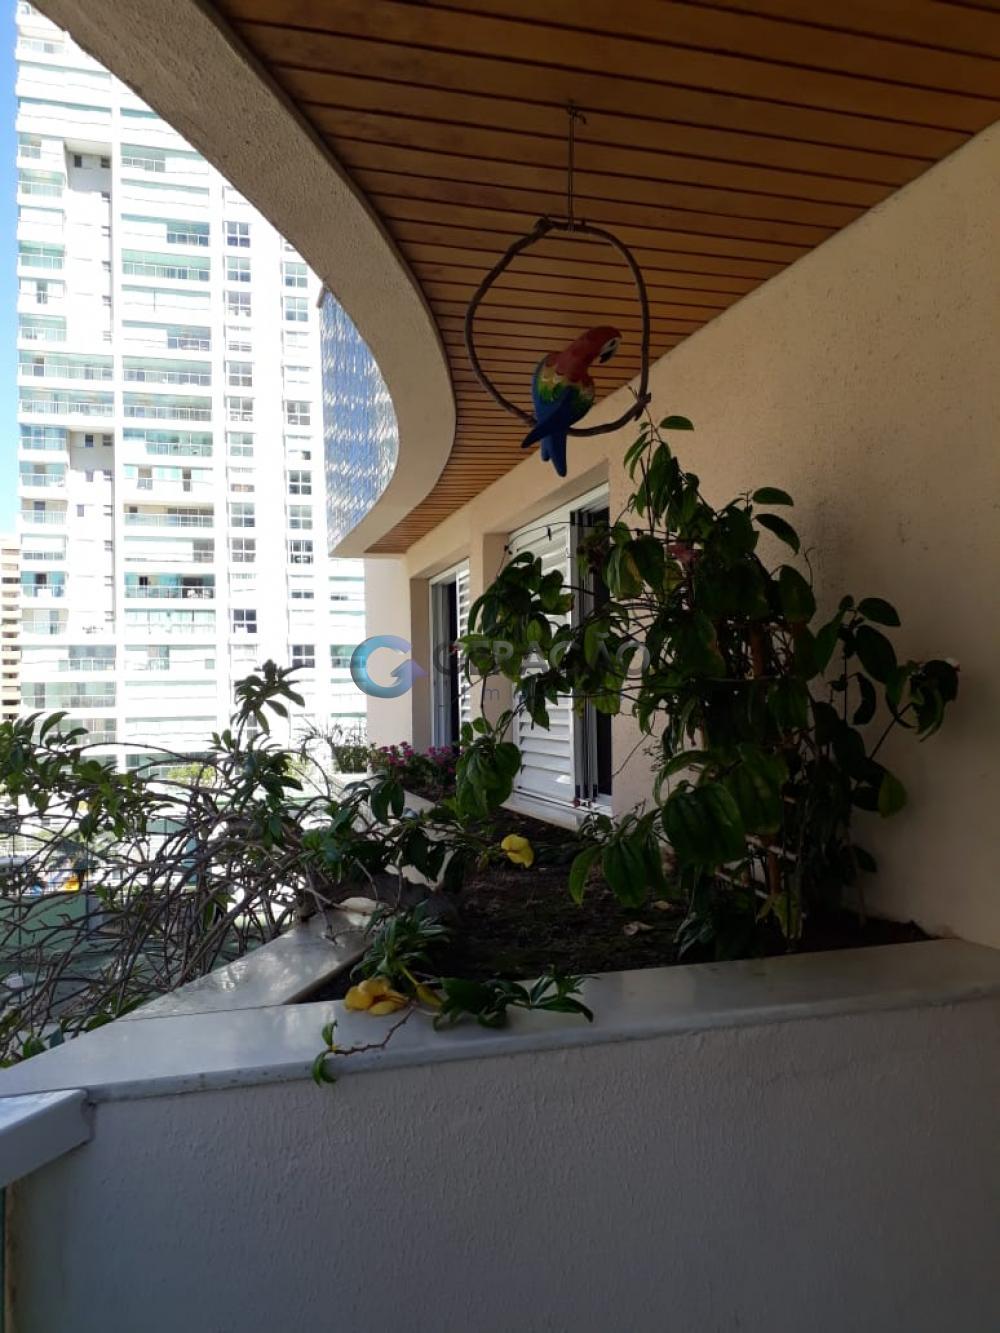 Comprar Apartamento / Padrão em São José dos Campos apenas R$ 670.000,00 - Foto 14